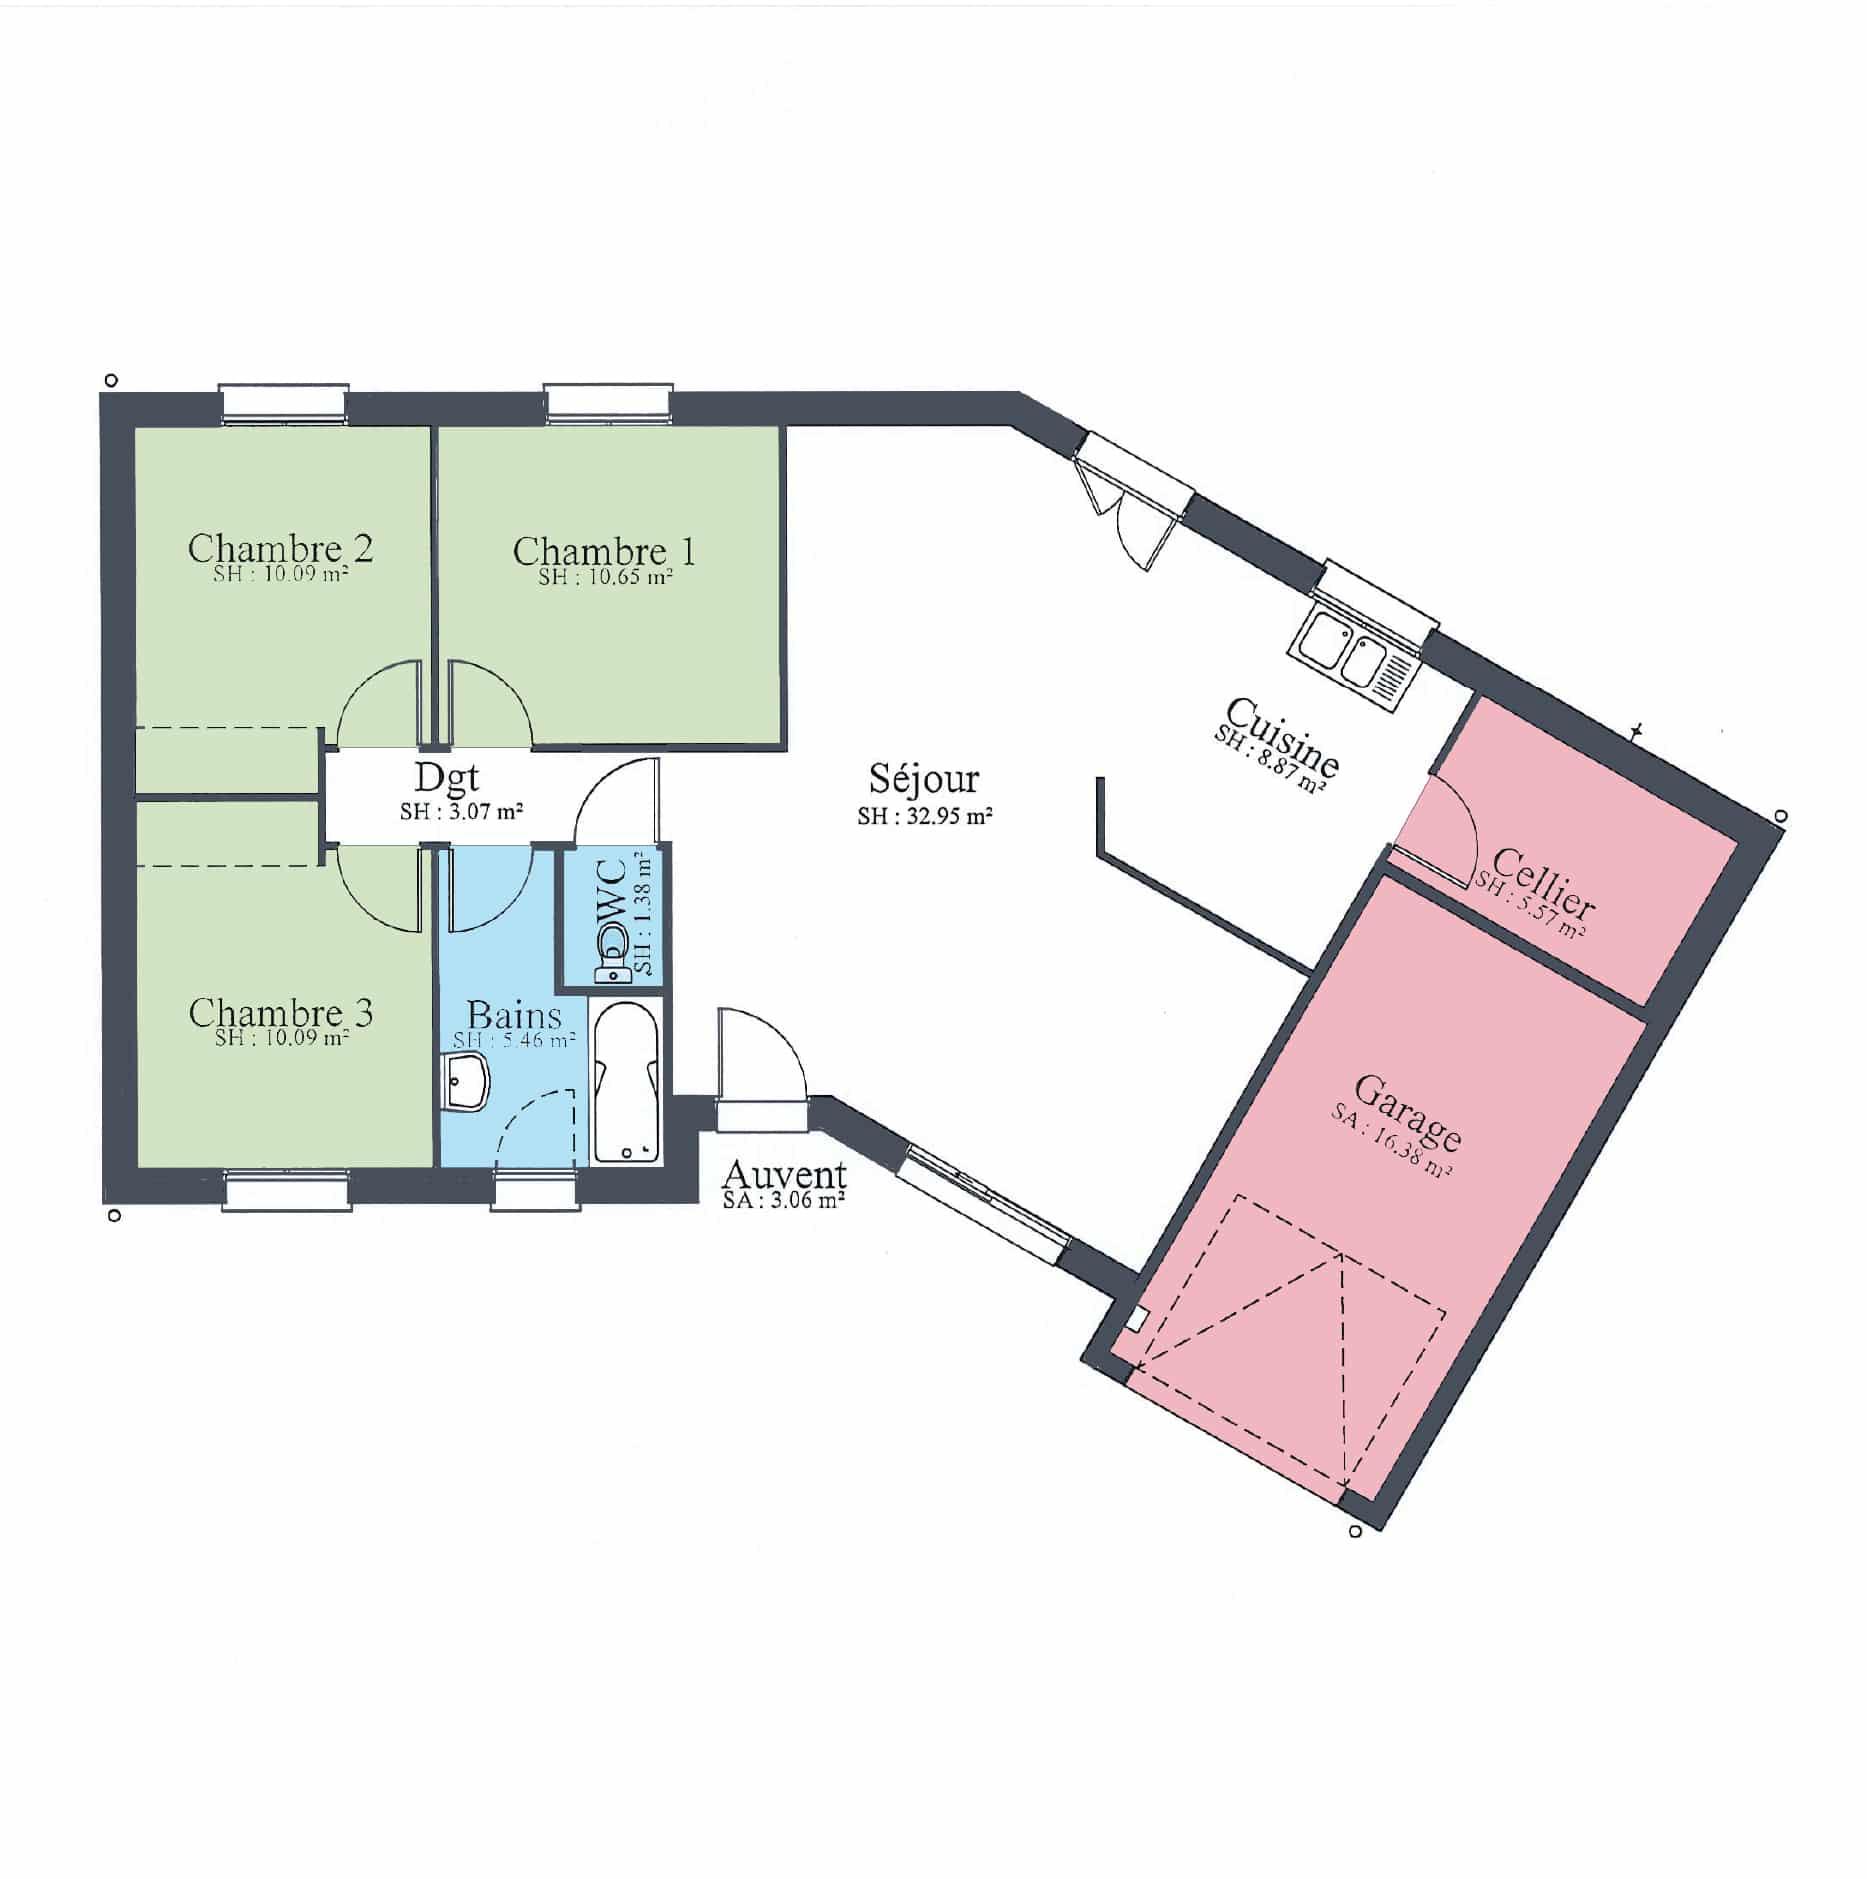 Maison design pas cher 96 en v - Deco maison design pas cher ...